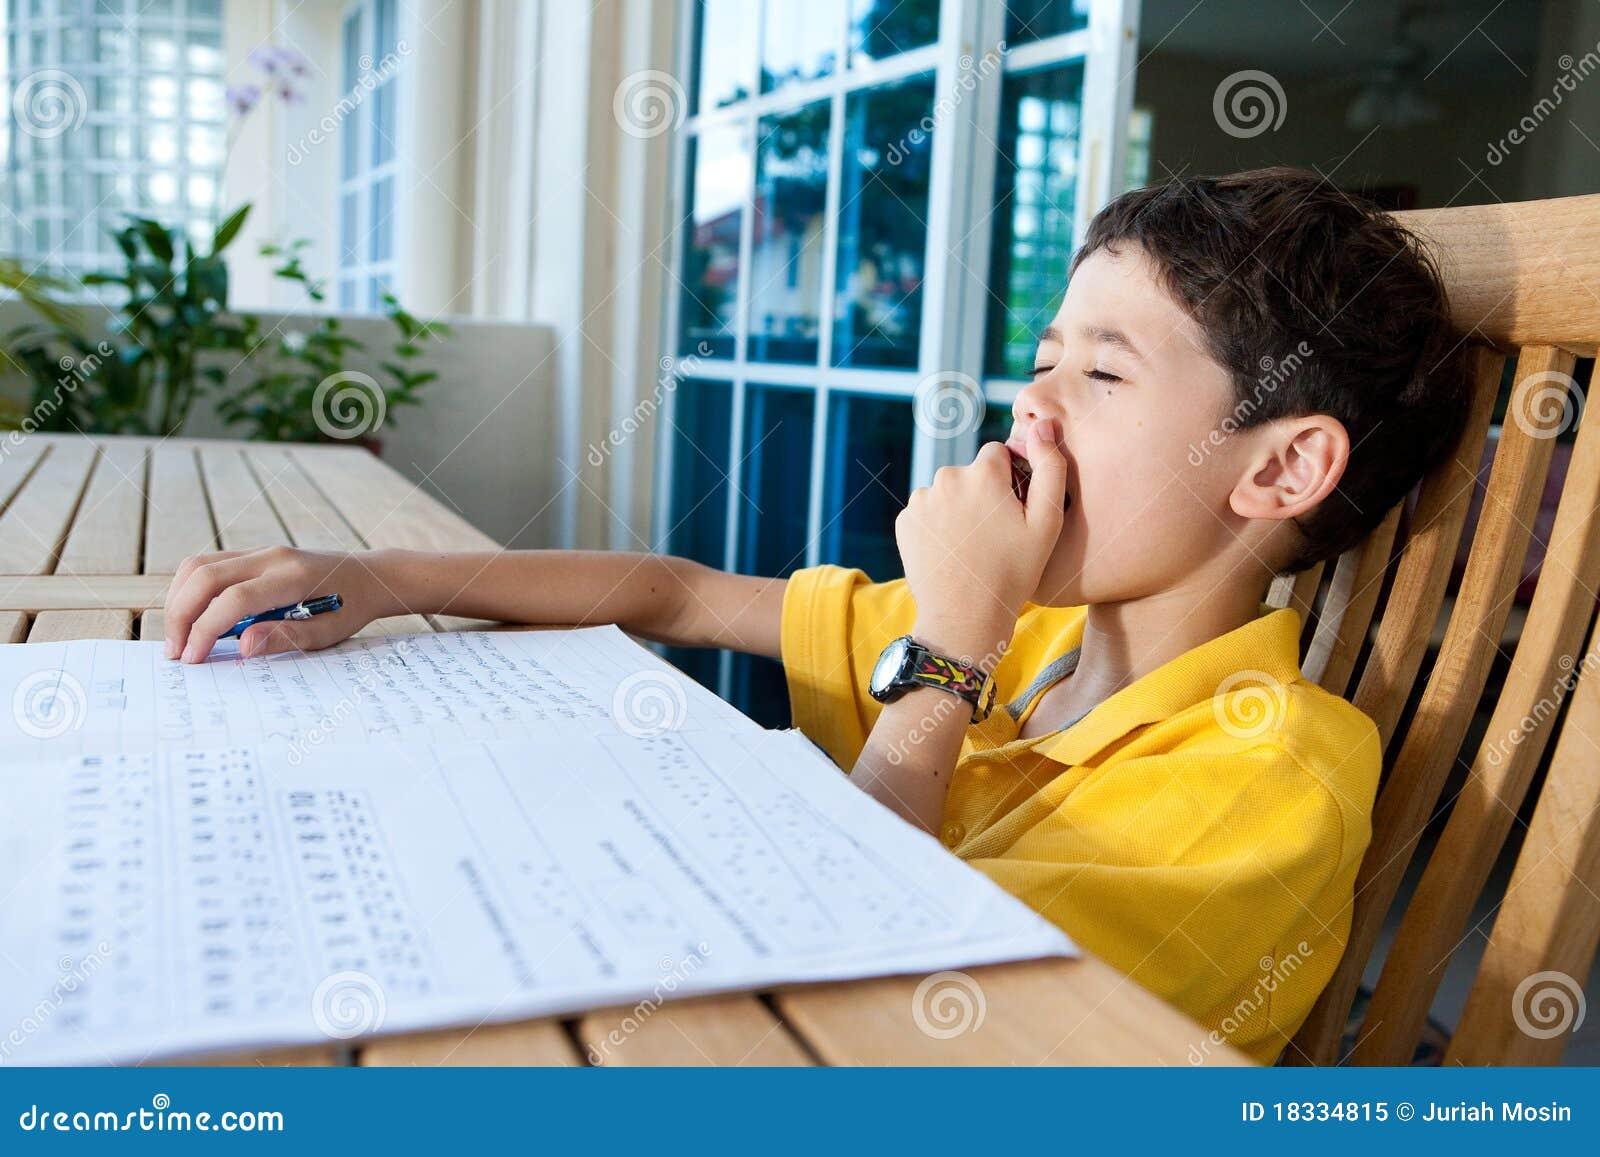 Gähnender Junge beim Handeln seiner Heimarbeit